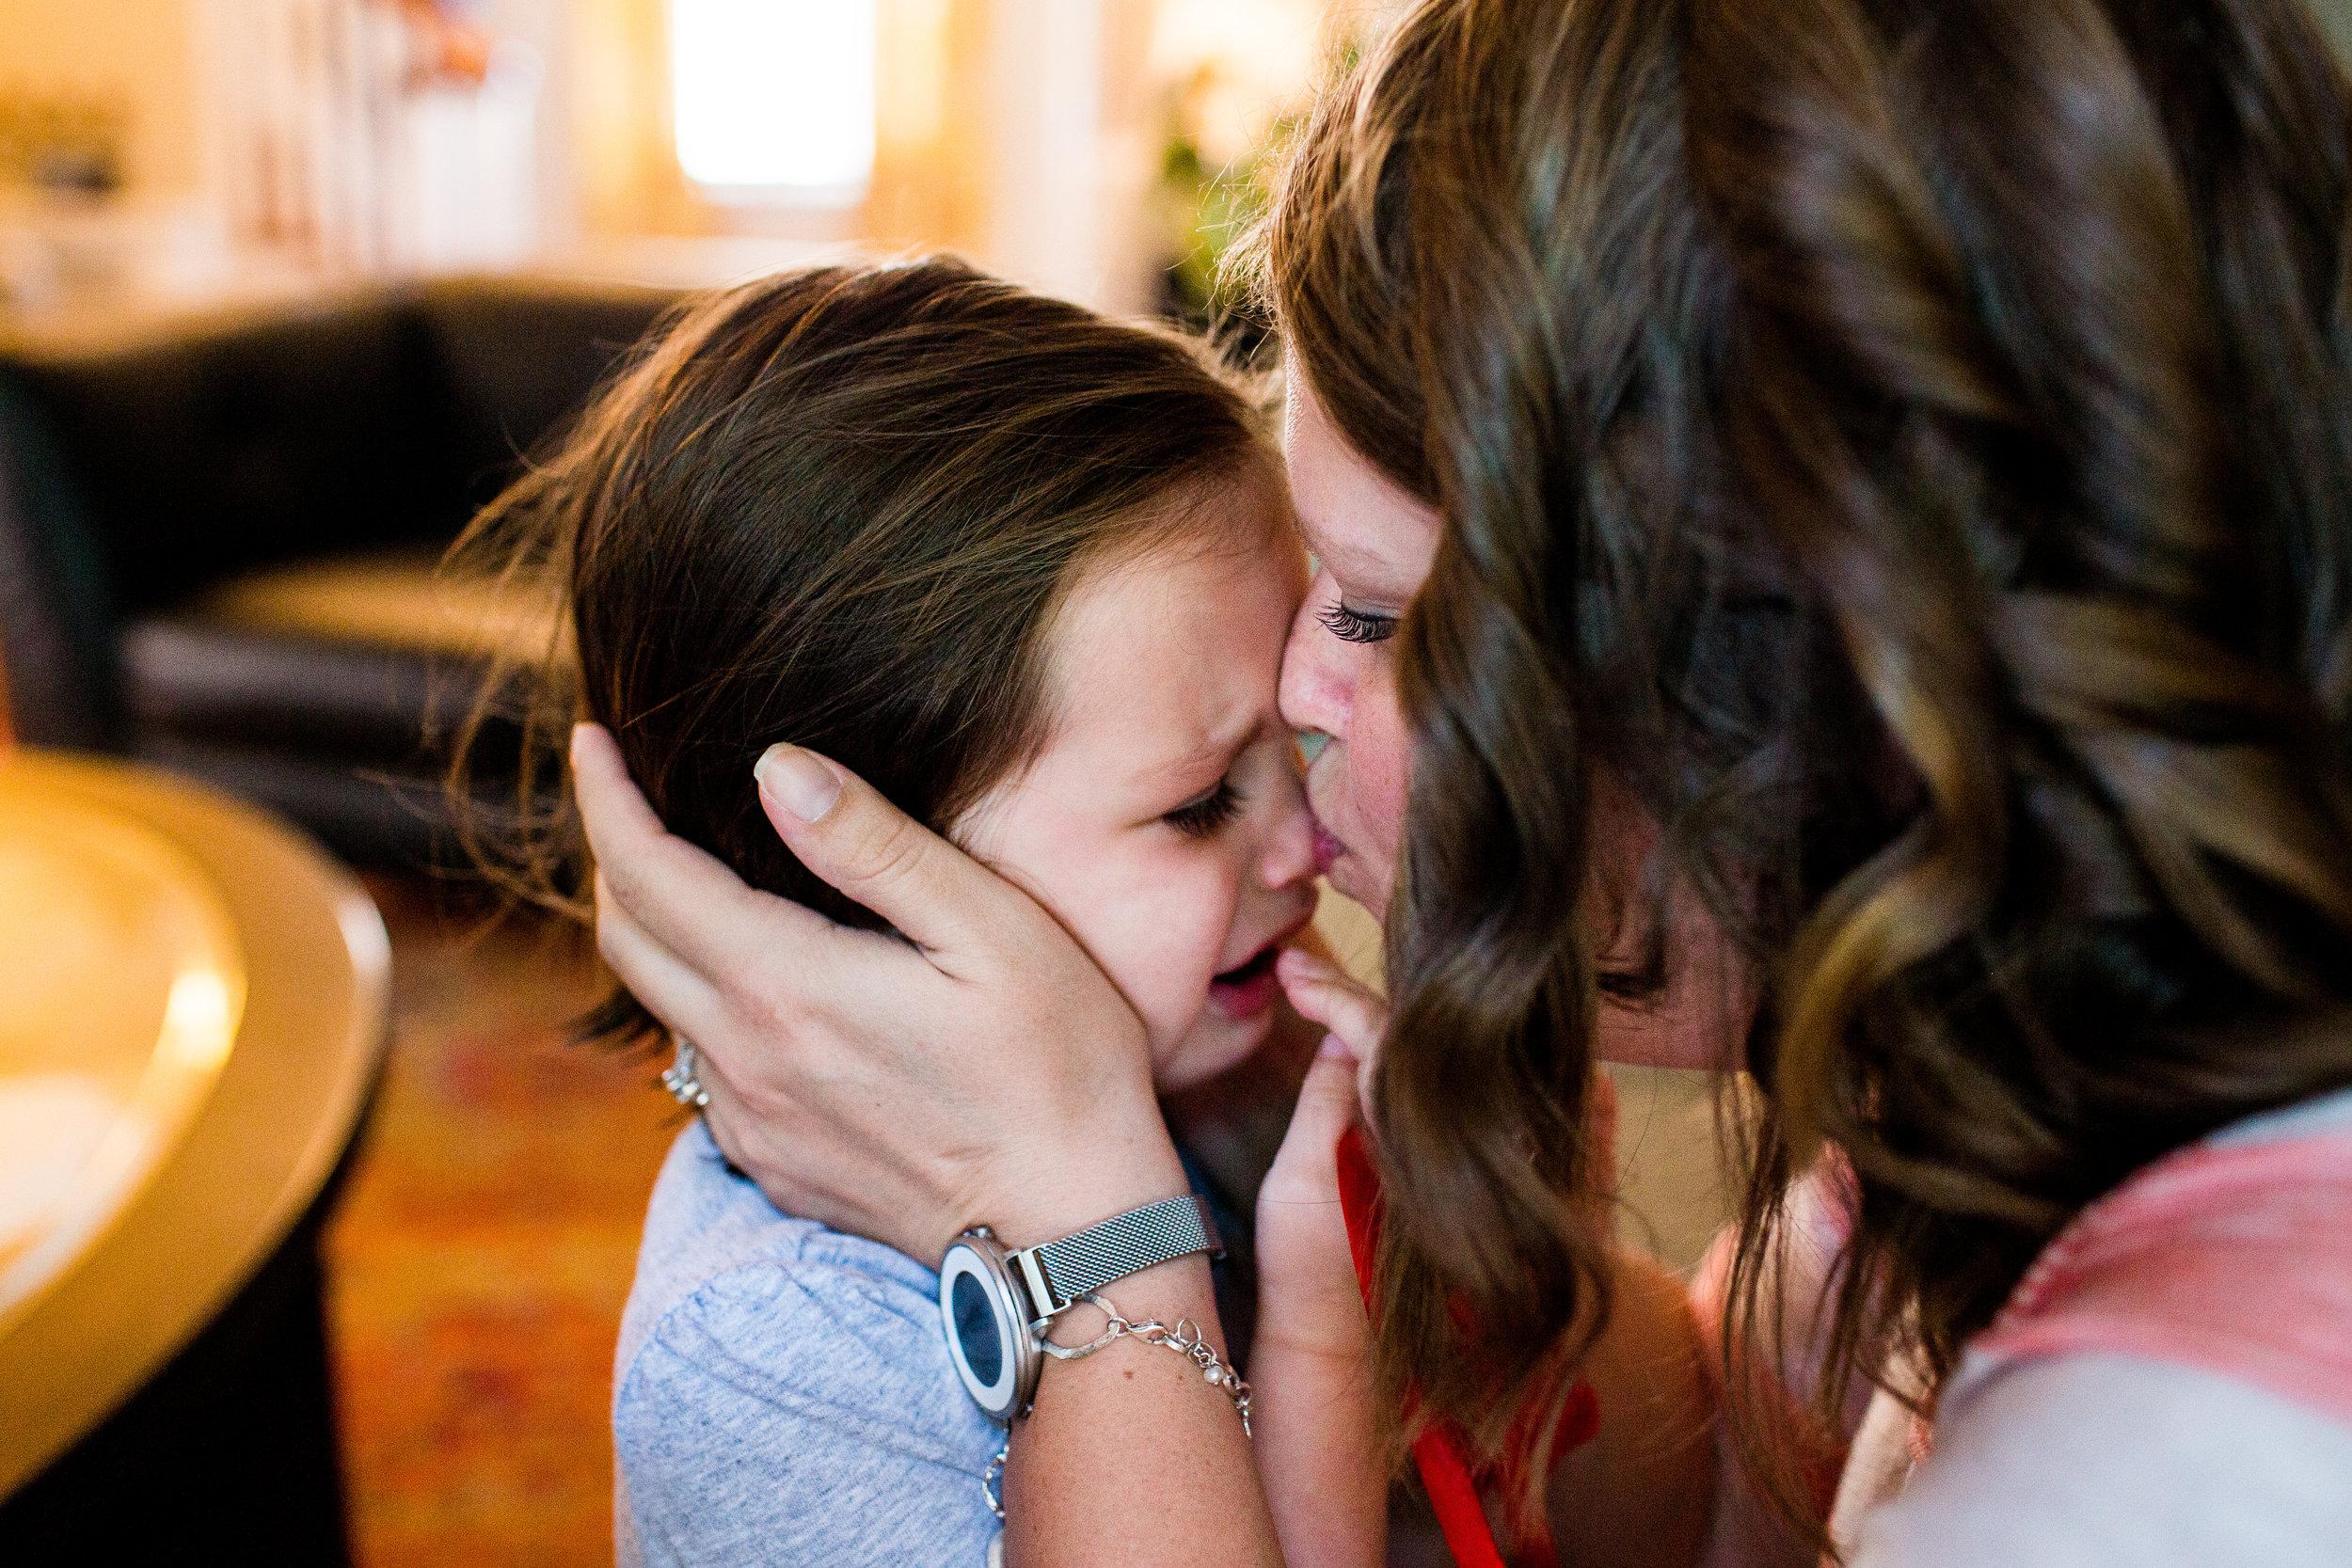 mom comforting little girl